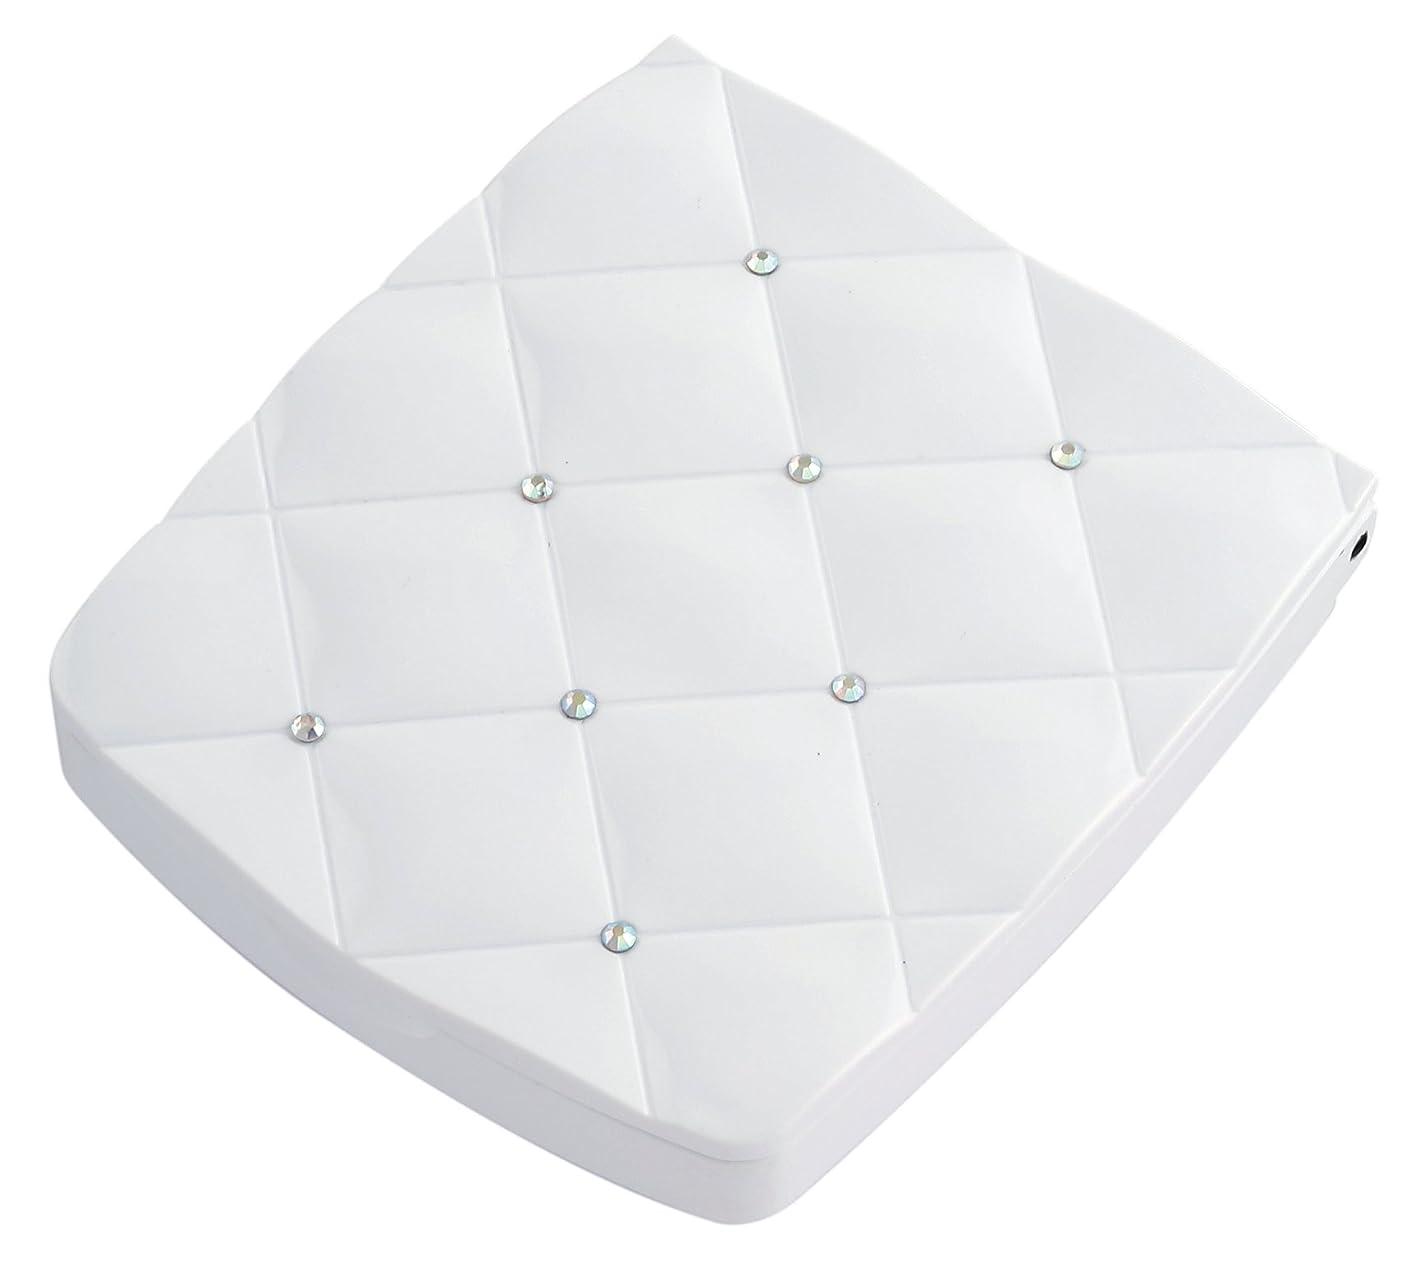 発揮する縫うジョージエリオット貝印 LED付き約5倍拡大鏡 S 白 KQ0335